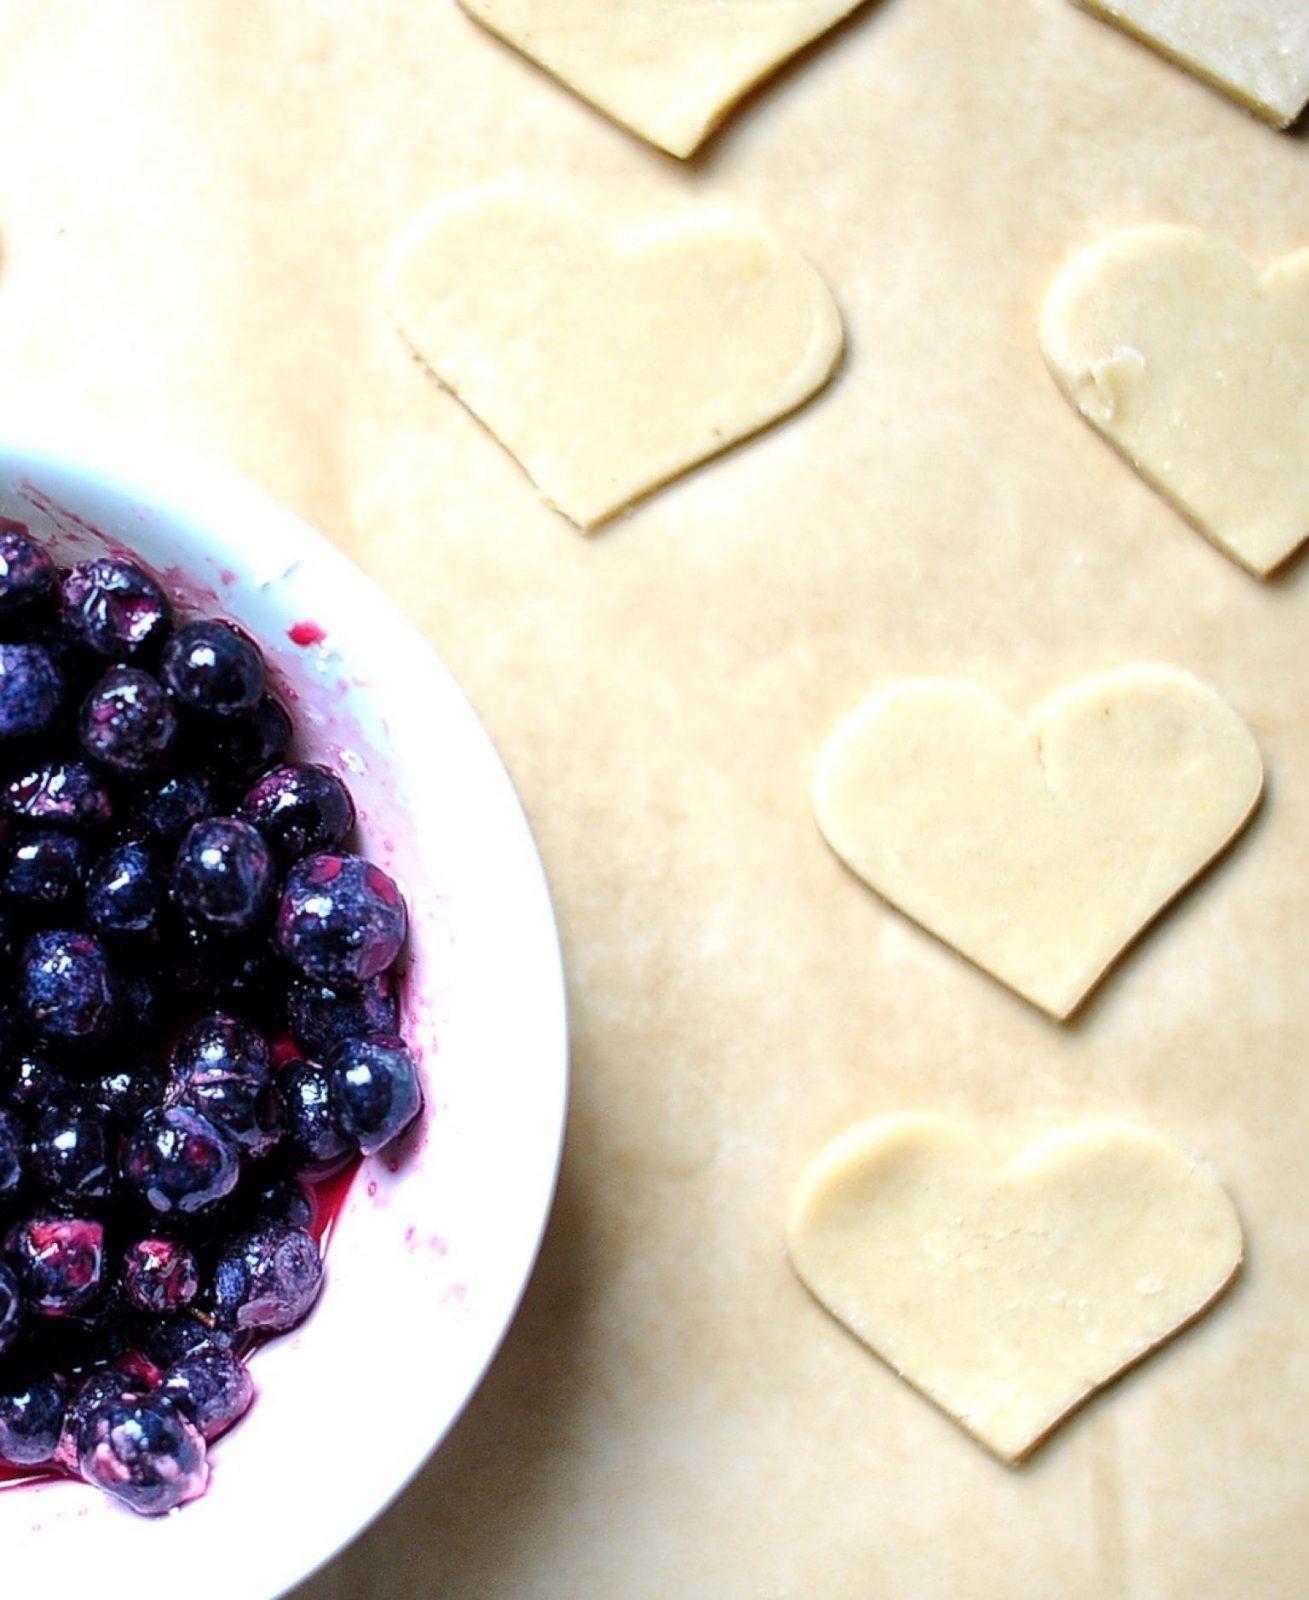 Vegan heart shaped blueberry pop-tarts, dough.